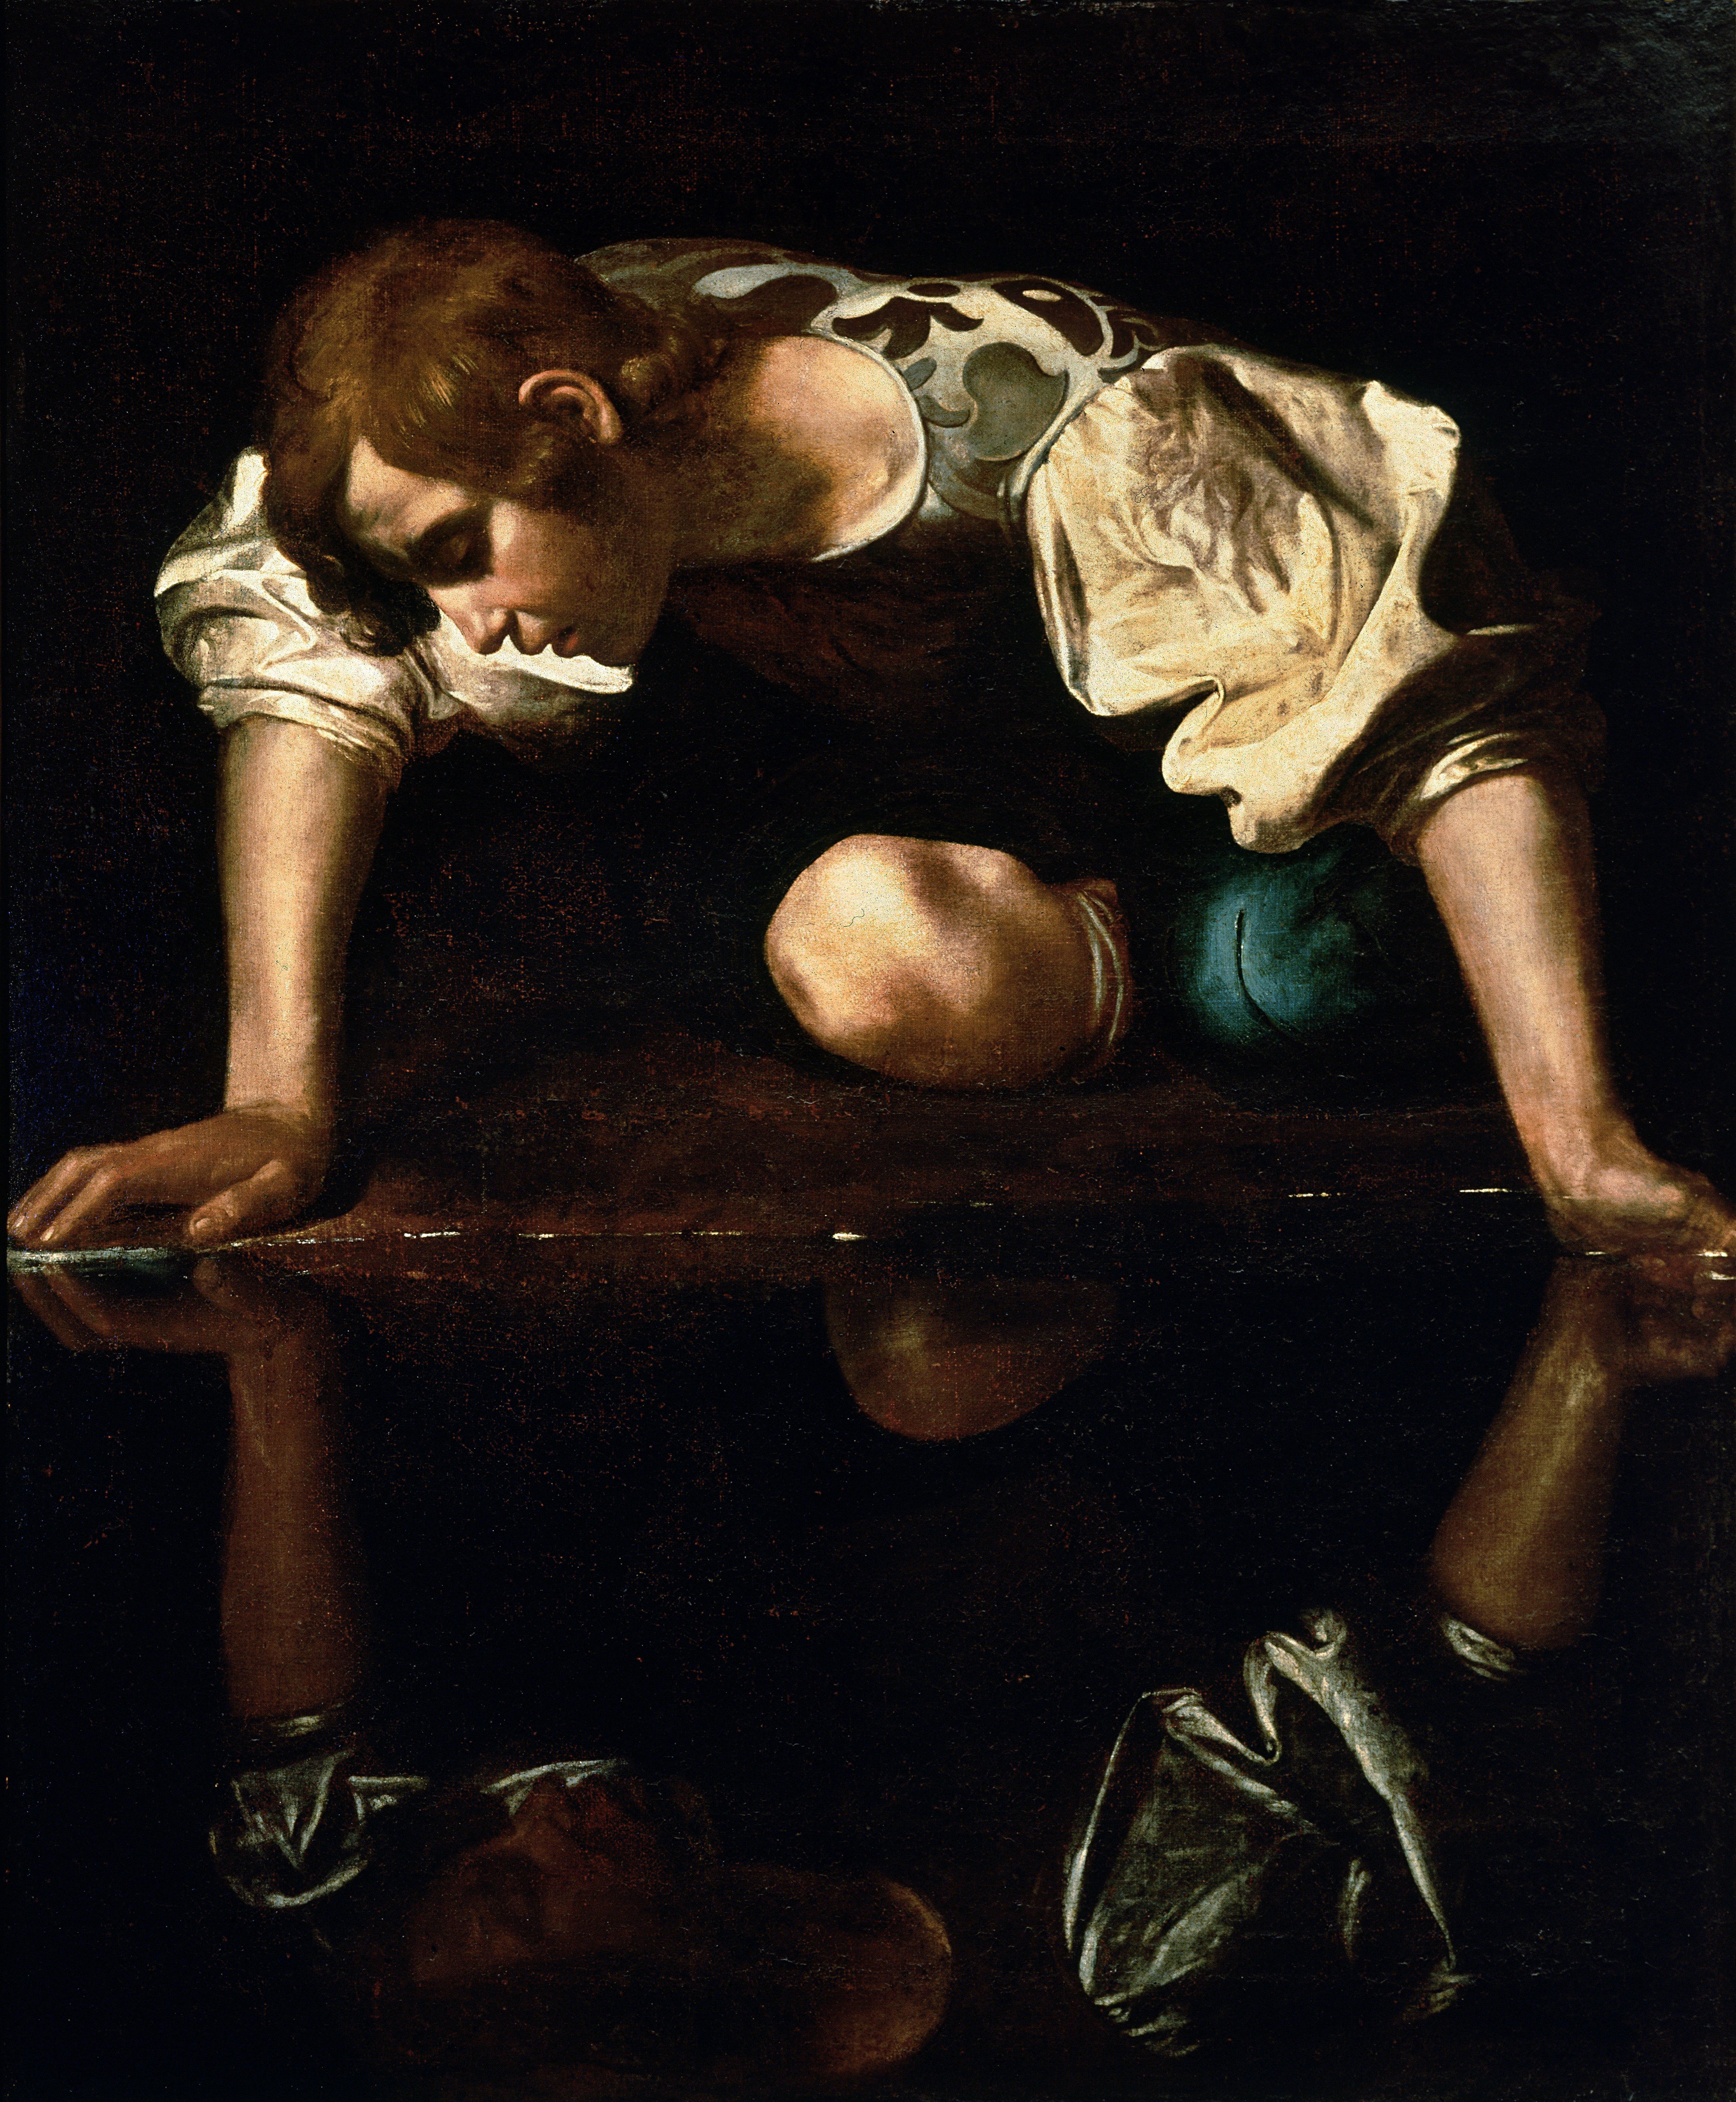 Narcissus-Caravaggio_(1594-96)_edited.jpg